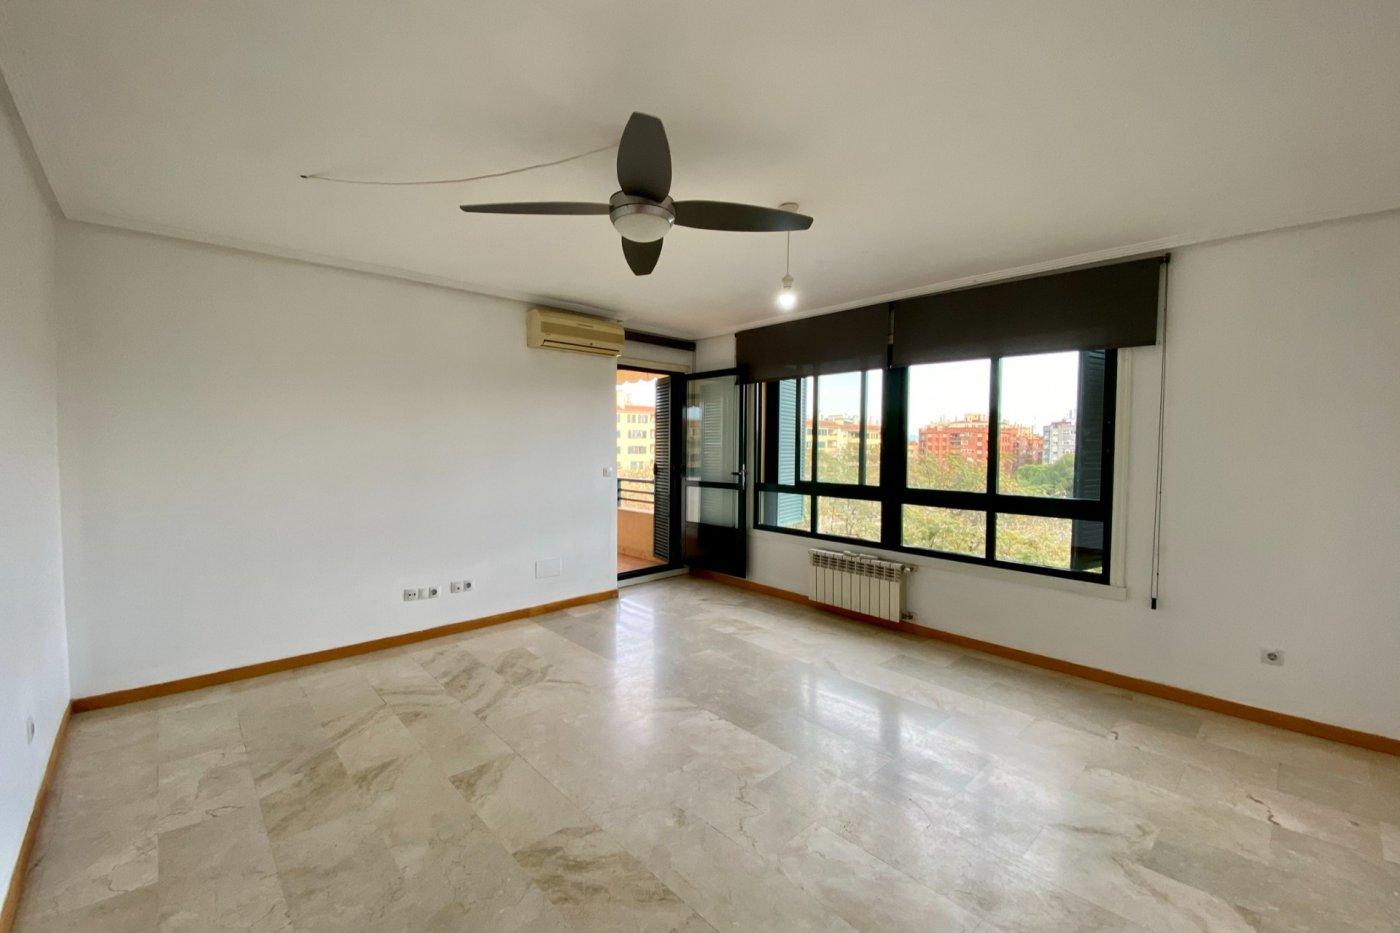 Piso sin muebles de 105 m² de superficie en zona residencial de son cotoner, palma de mall - imagenInmueble0